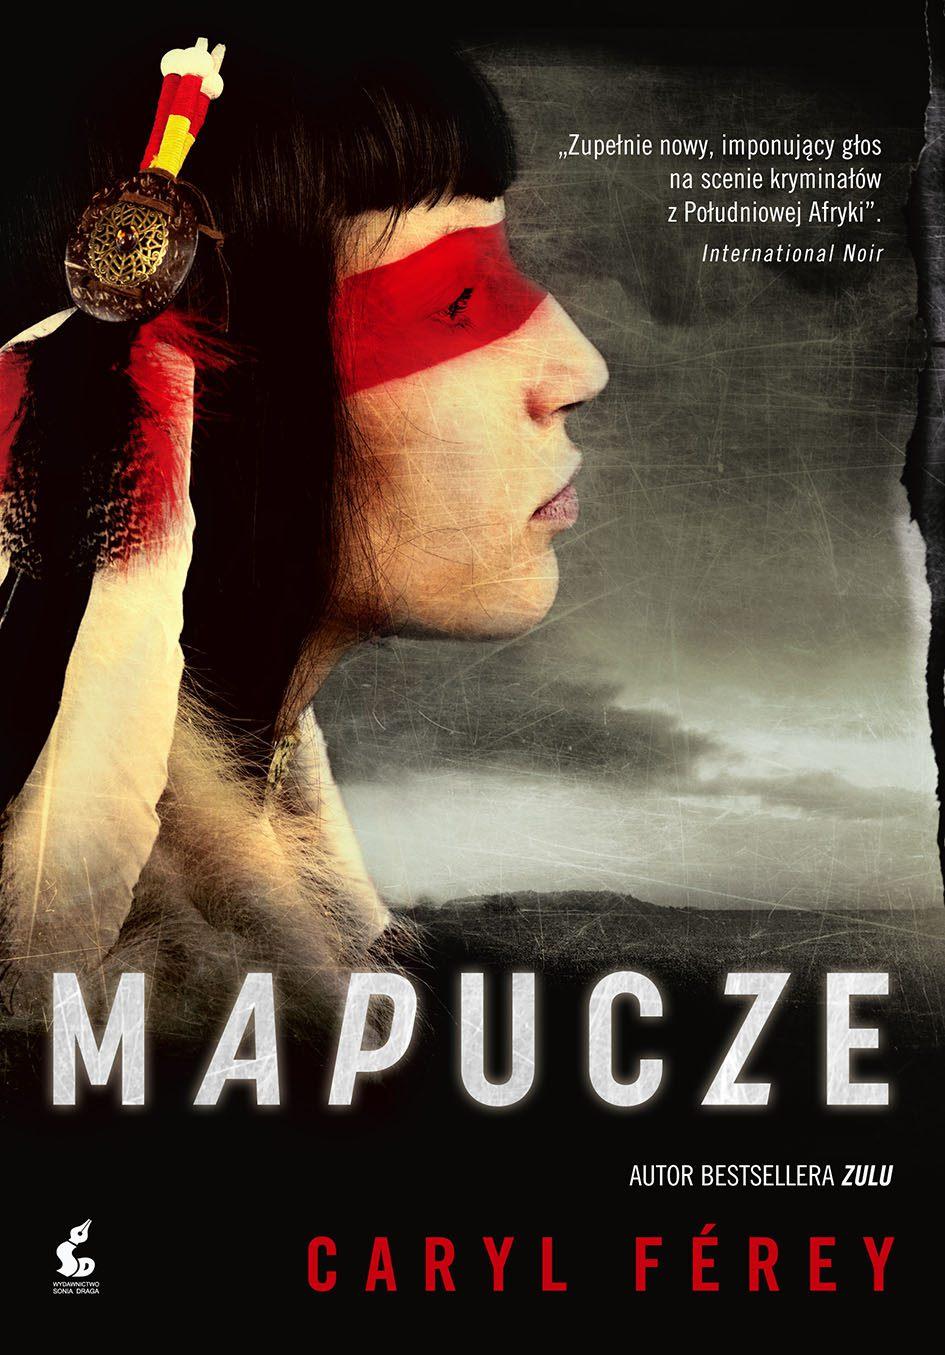 Mapucze - Ebook (Książka EPUB) do pobrania w formacie EPUB